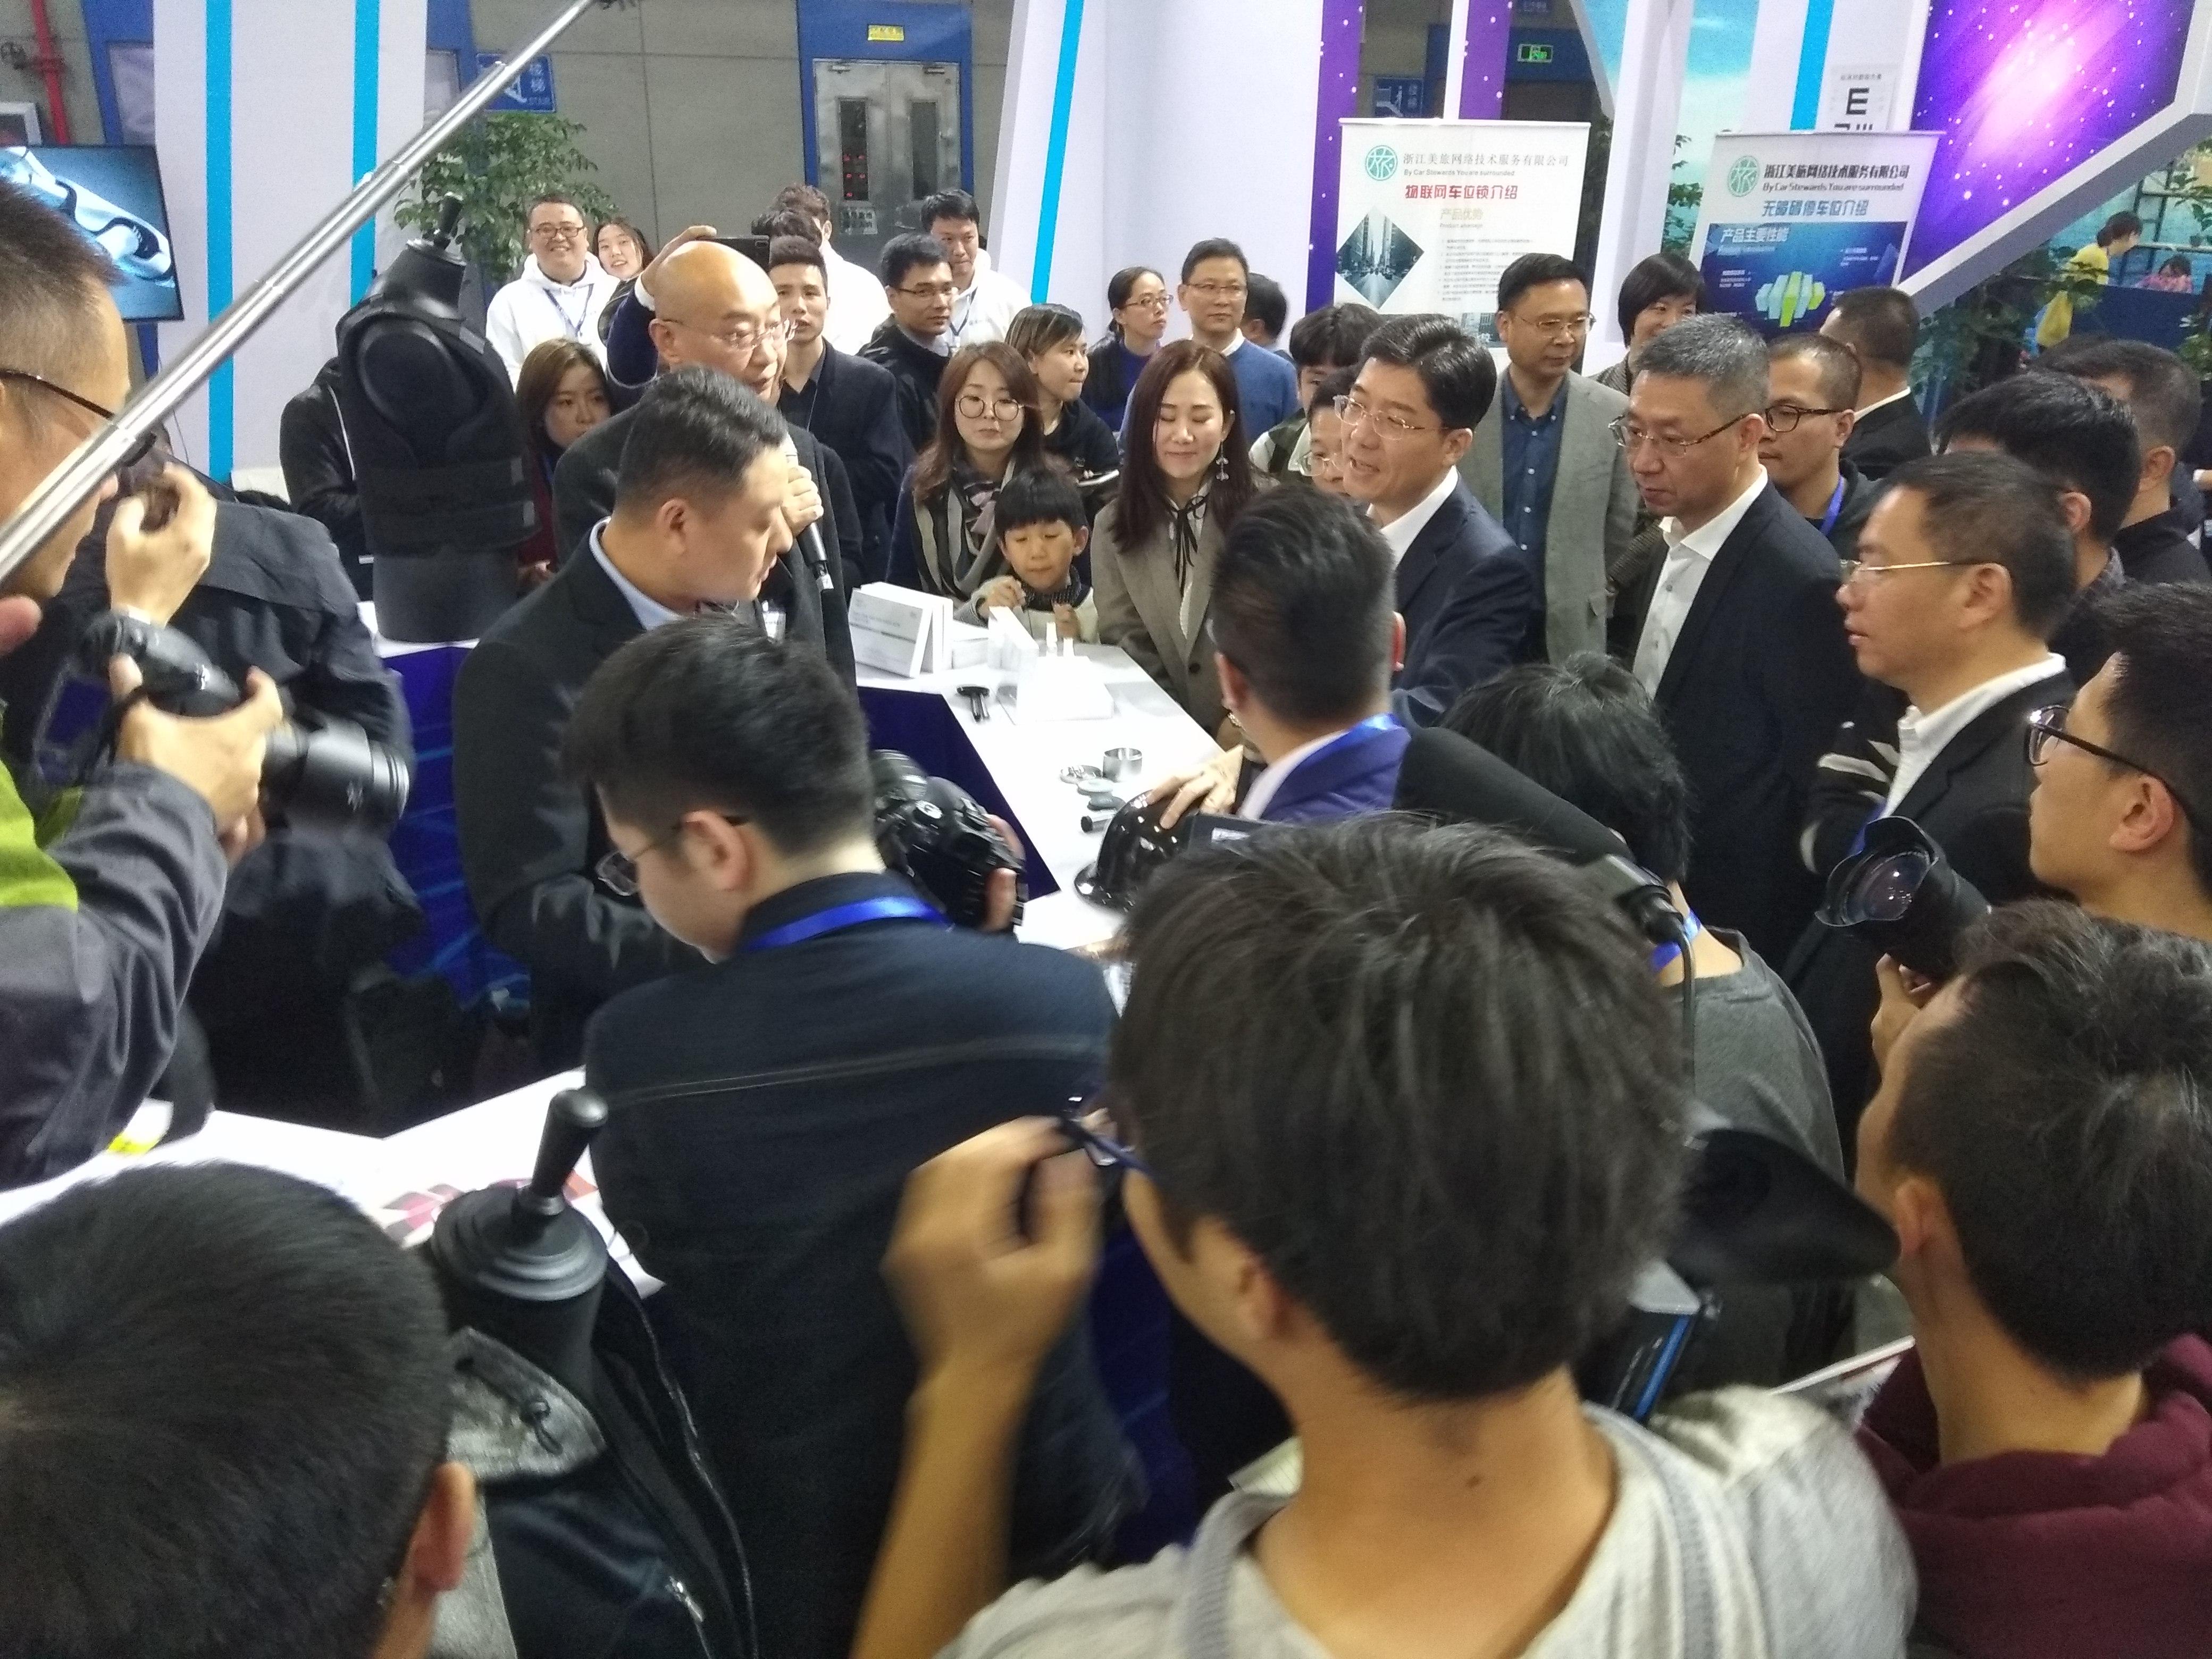 纳米转化科技成温州双创展会焦点 市长亲临展位指导